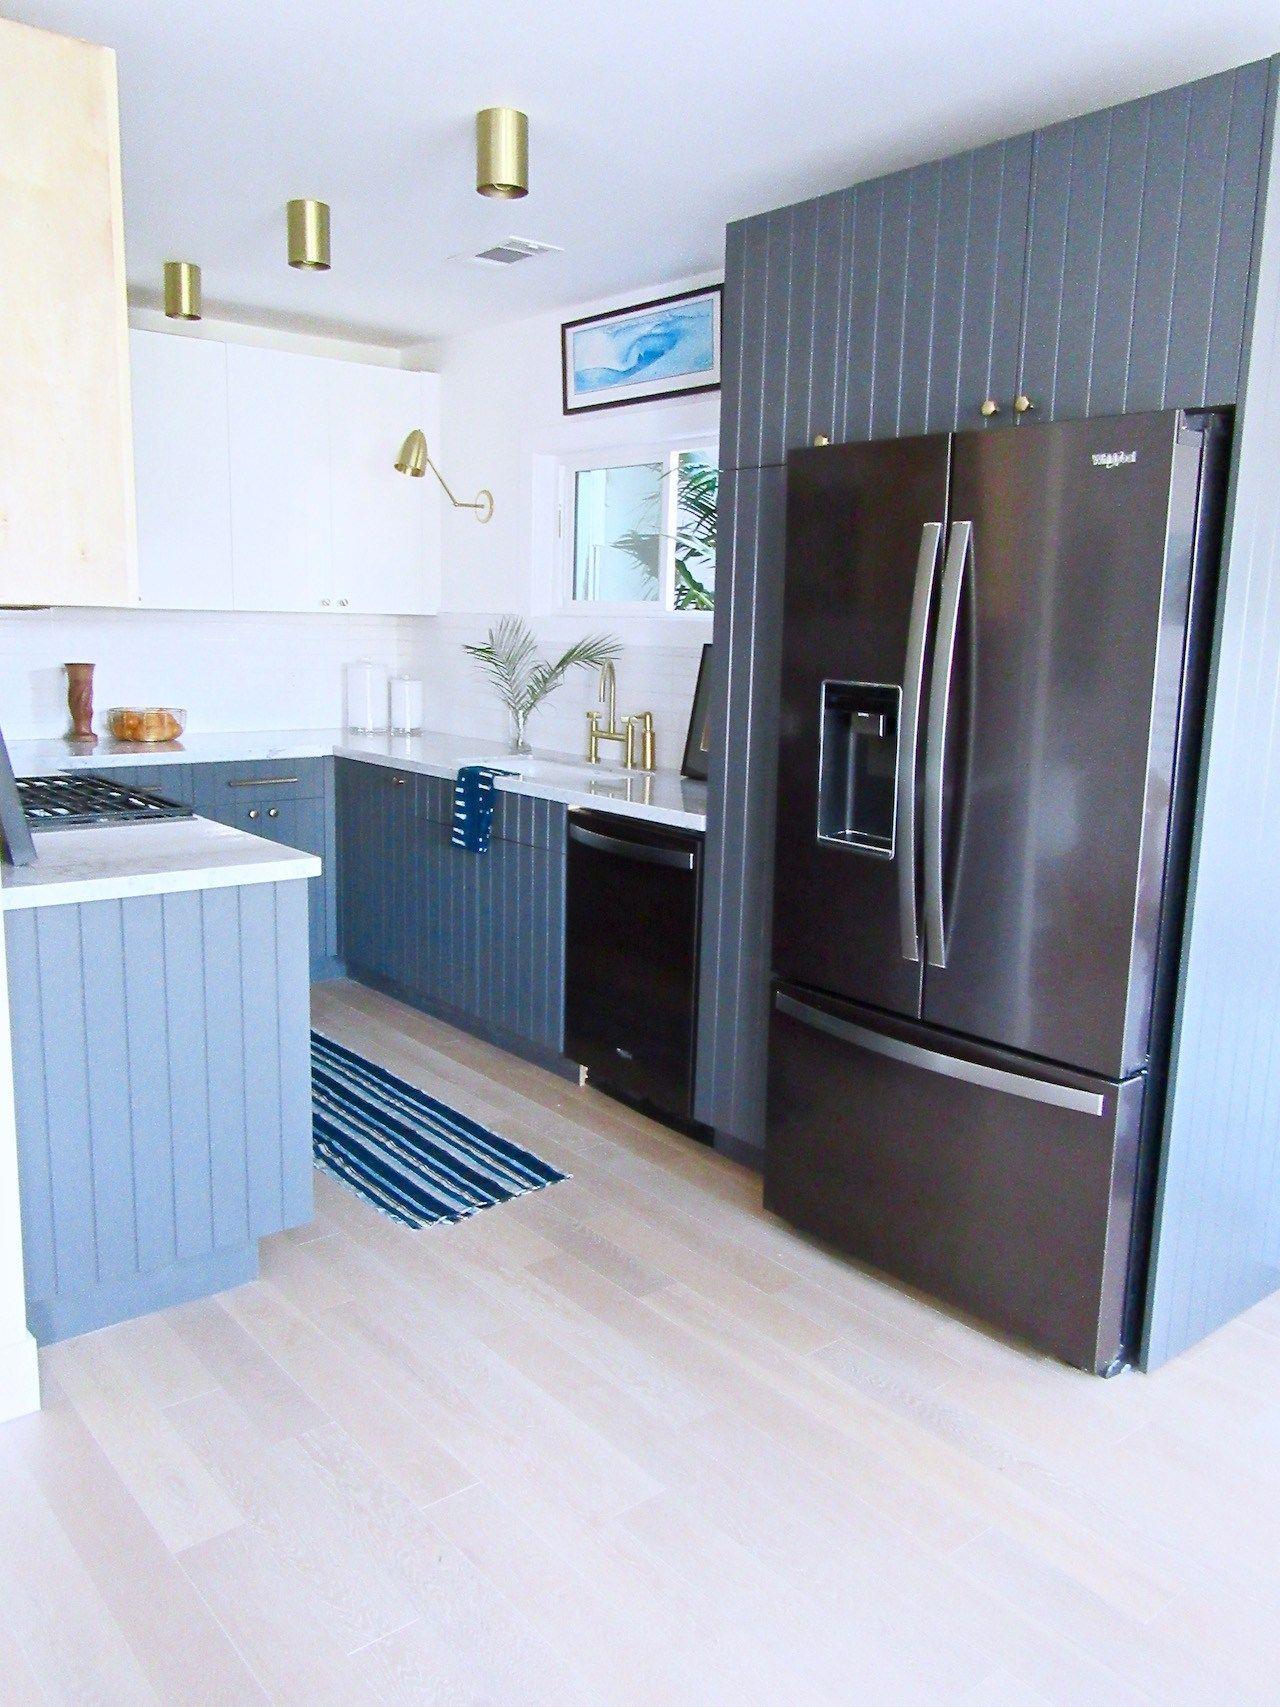 Silver Lake Small Kitchen Remodel Black Appliance Trend Cococozy Stylish Kitchen Black Appliances Kitchen Remodel